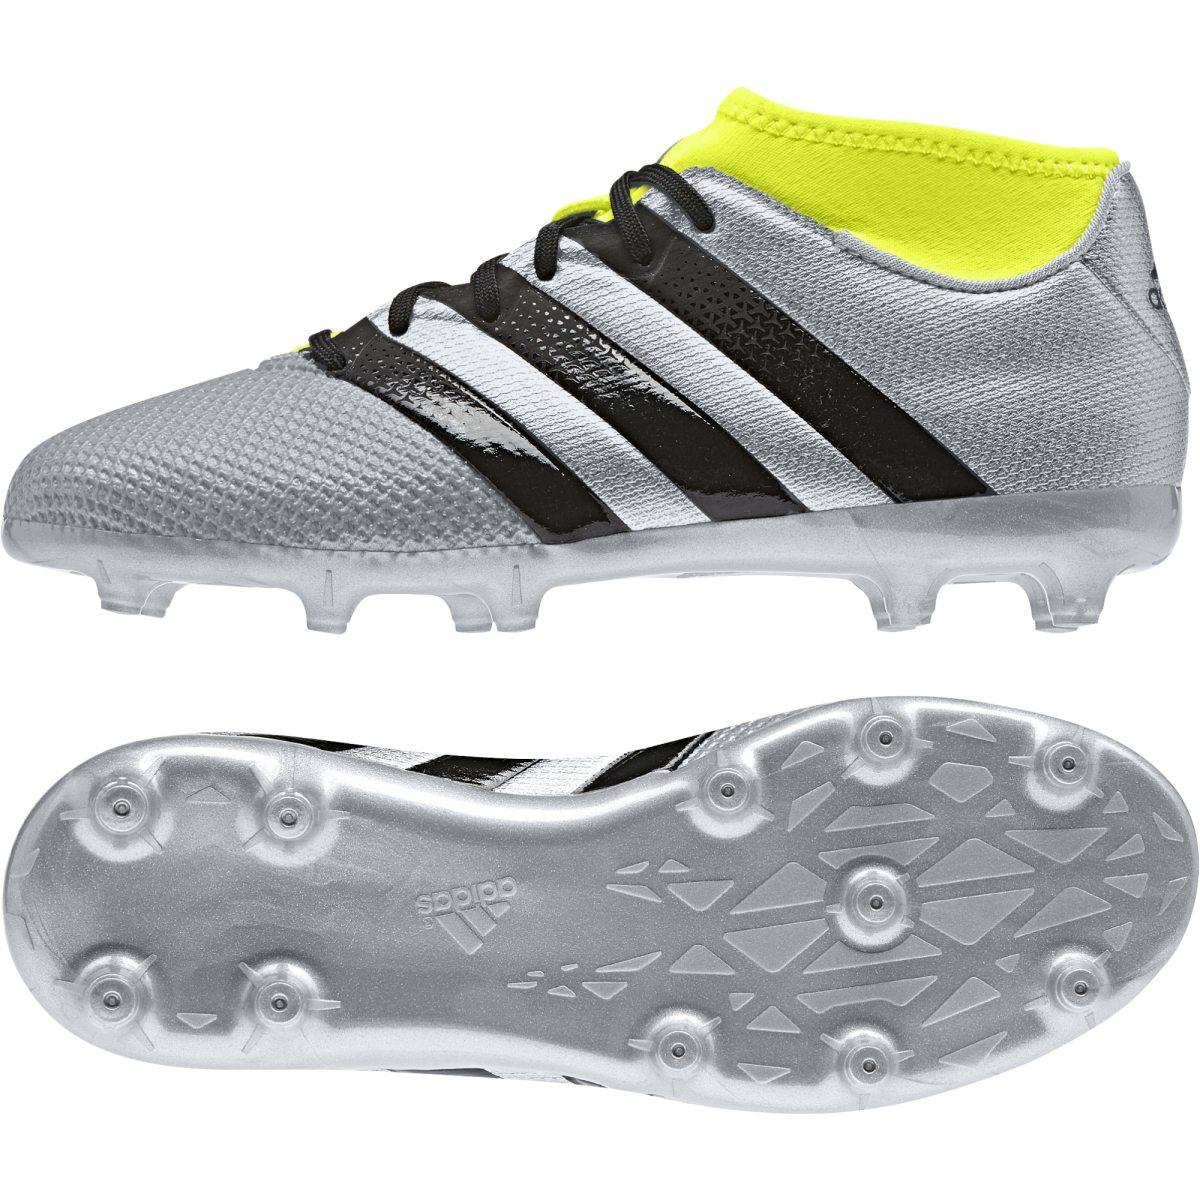 more photos 7da44 f4366 adidas ace 16.3 primemesh fg ag ec fotbollssko junior fotbollsskor